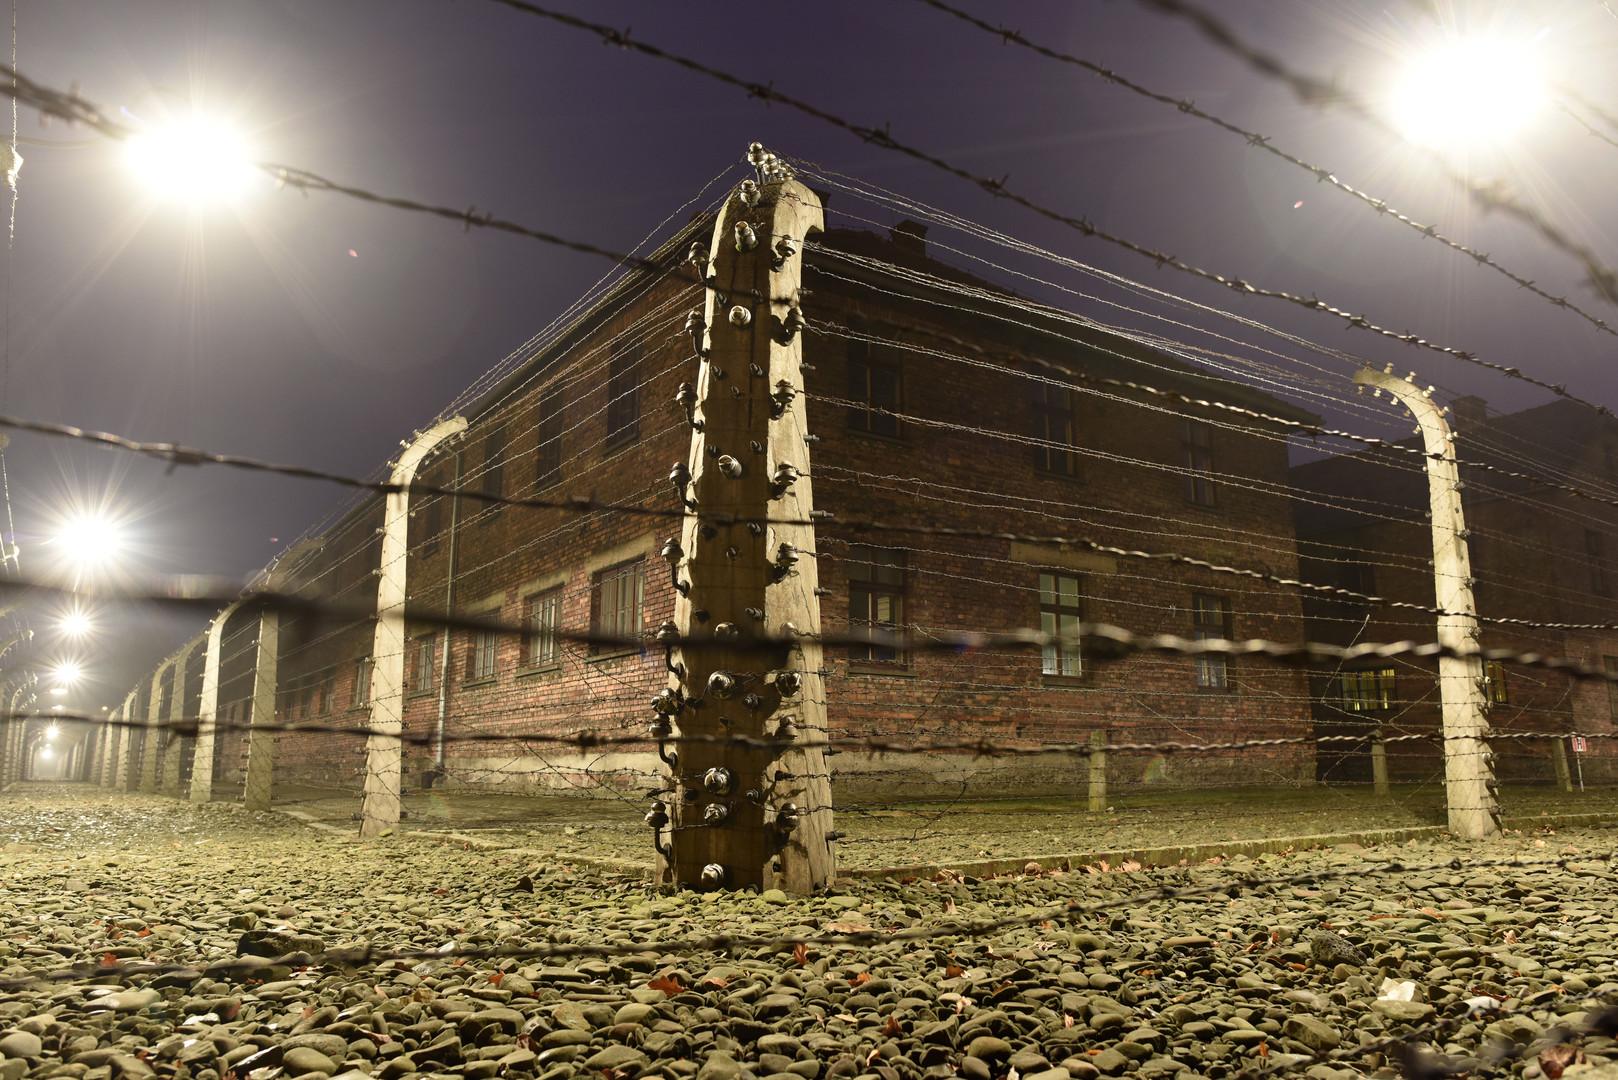 Après plus de 50 ans, un présumé survivant américain d'Auschwitz reconnaît avoir tout inventé